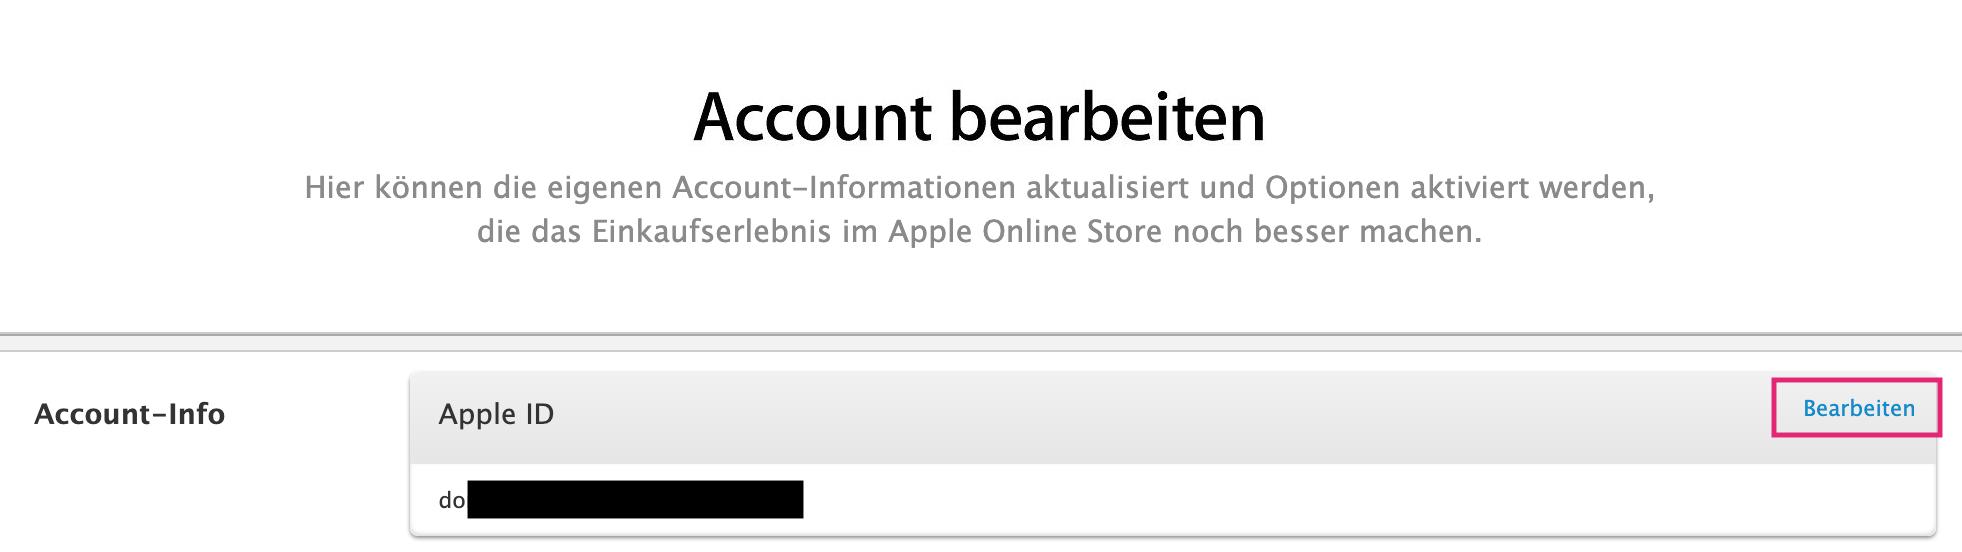 Apple ID im Account ändern